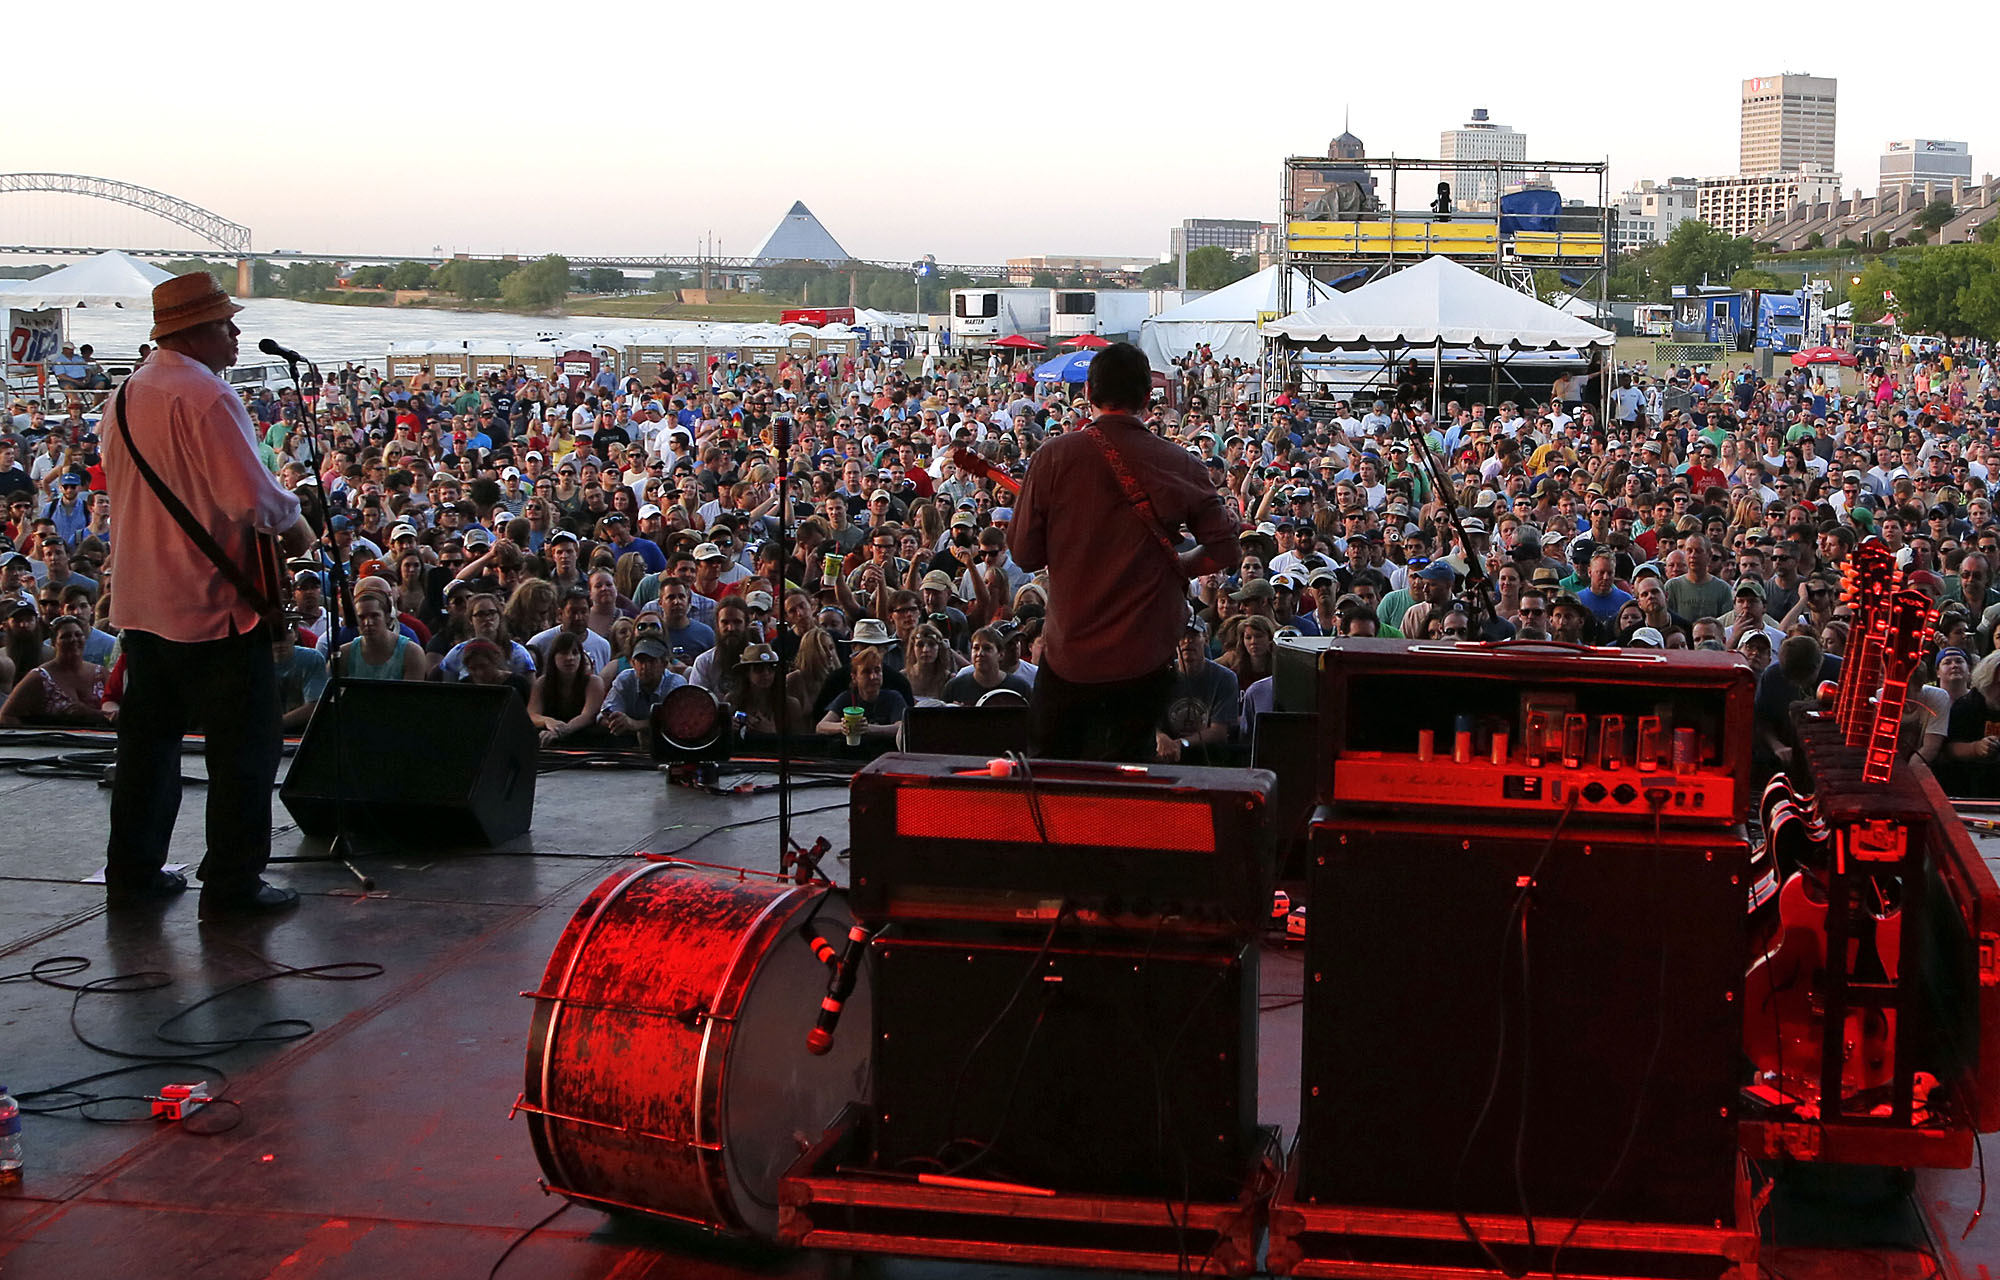 Beale Street Music Festival, 2014